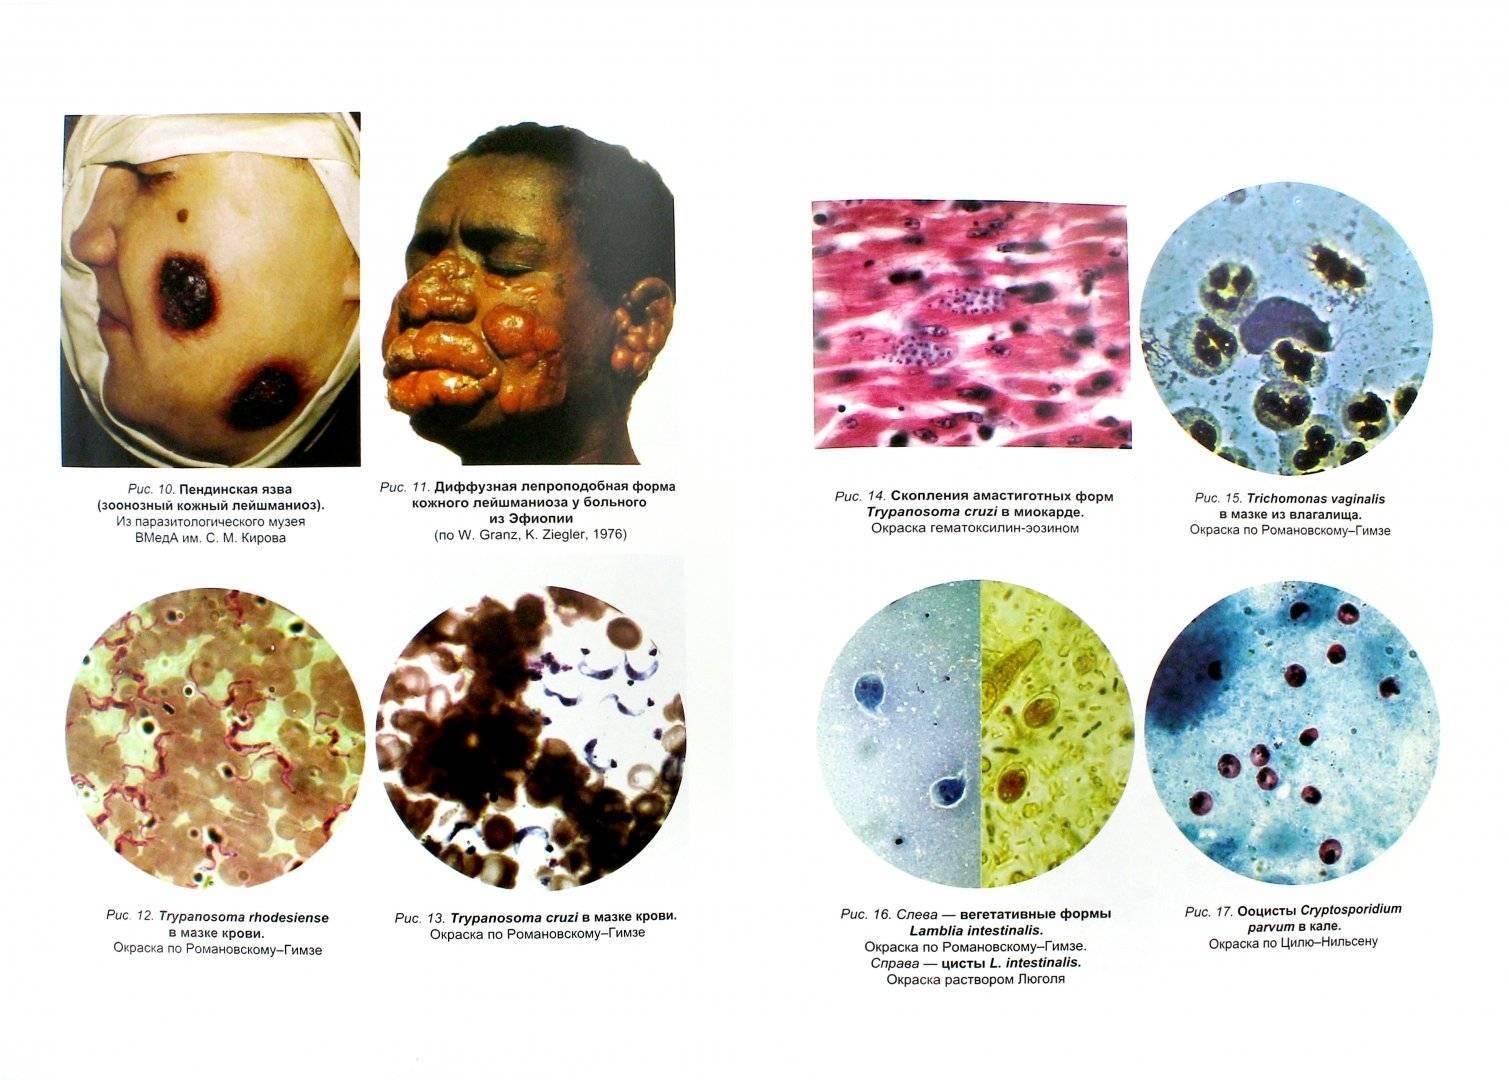 Паразиты человека: симптомы и виды заболеваний